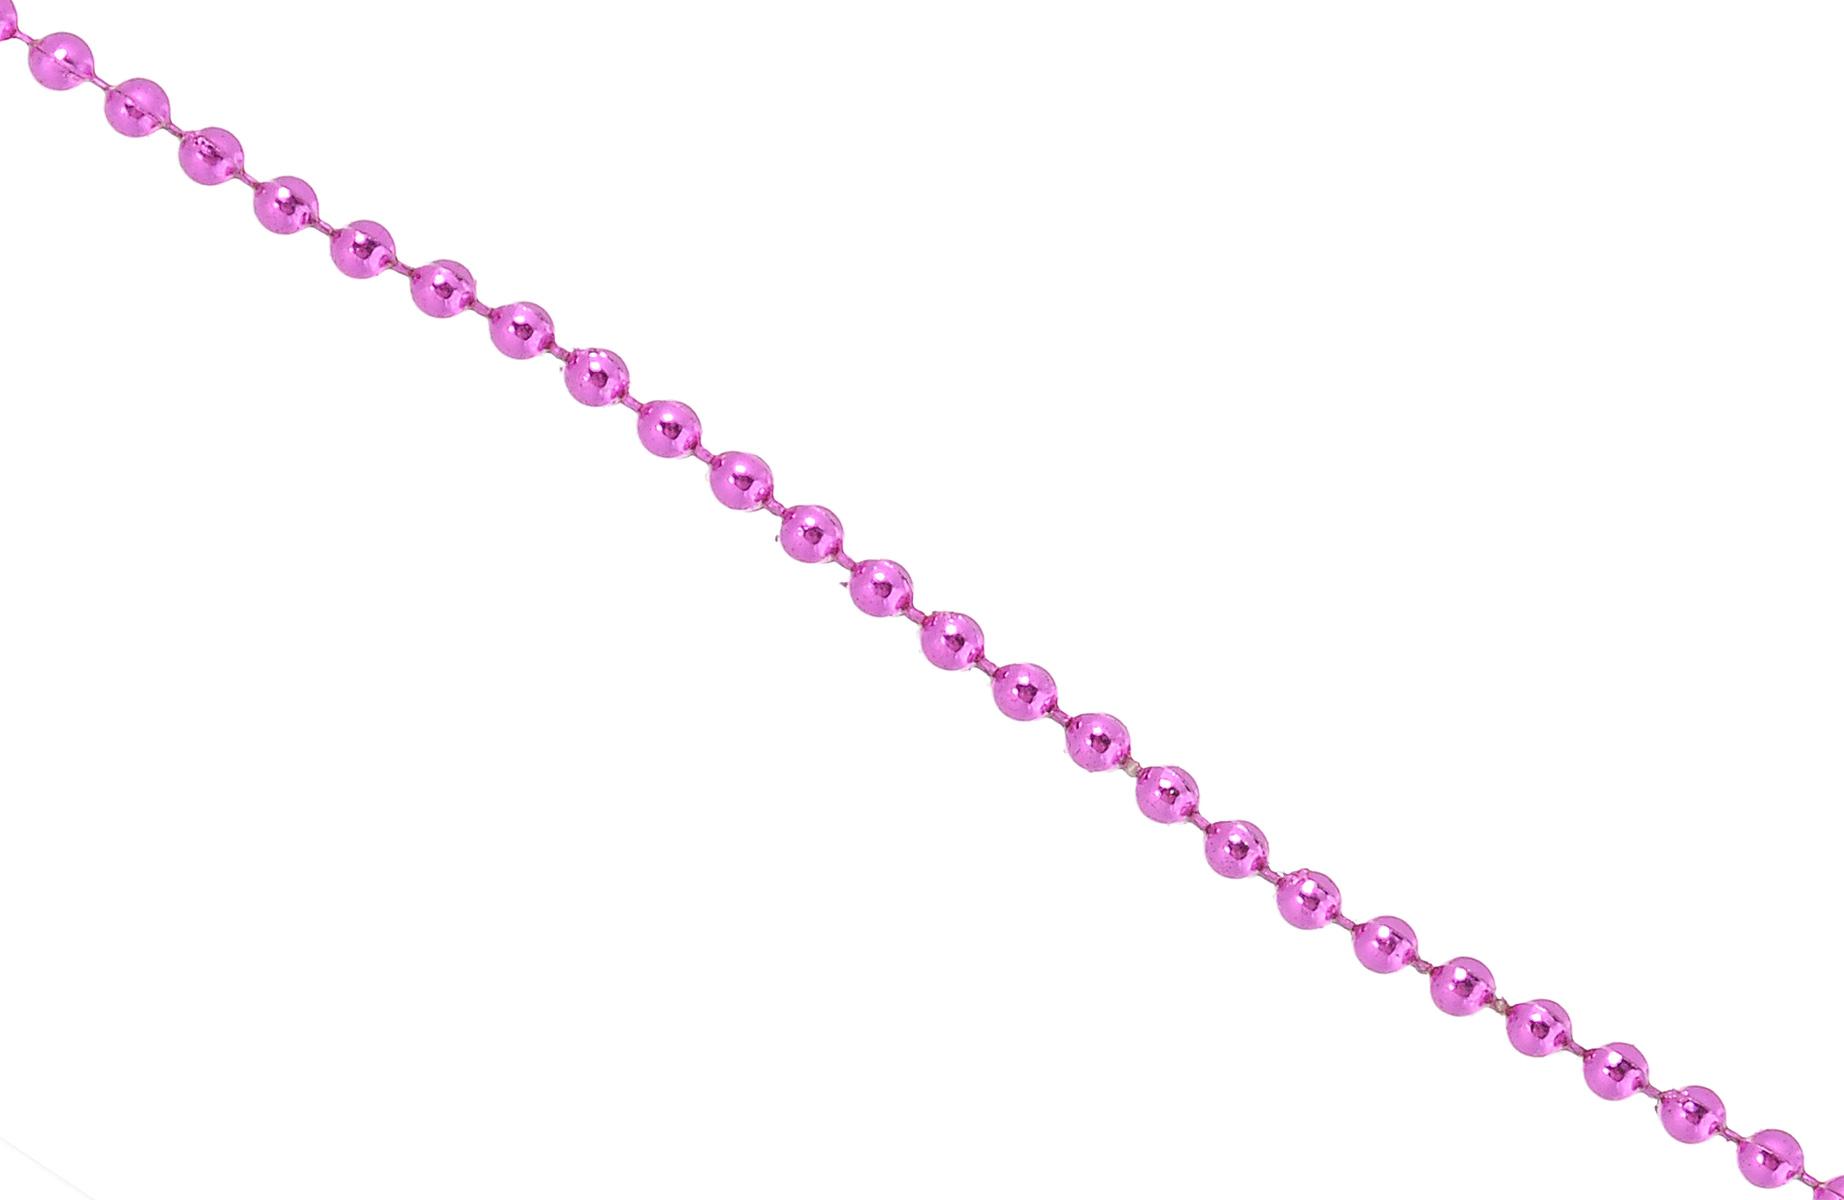 Новогодняя гирлянда Lunten Ranta Градинки, цвет: фуксия, длина 2 м65688Новогодняя гирлянда Lunten Ranta Градинки отлично подойдет для декорации вашего дома и новогодней ели. Изделие, выполненное из пластика, представляет собой гирлянду на текстильной нити, на которой нанизаны круглые бусины. Новогодние украшения несут в себе волшебство и красоту праздника. Они помогут вам украсить дом к предстоящим праздникам и оживить интерьер по вашему вкусу. Создайте в доме атмосферу тепла, веселья и радости, украшая его всей семьей. Диаметр бусины: 0,4 см.